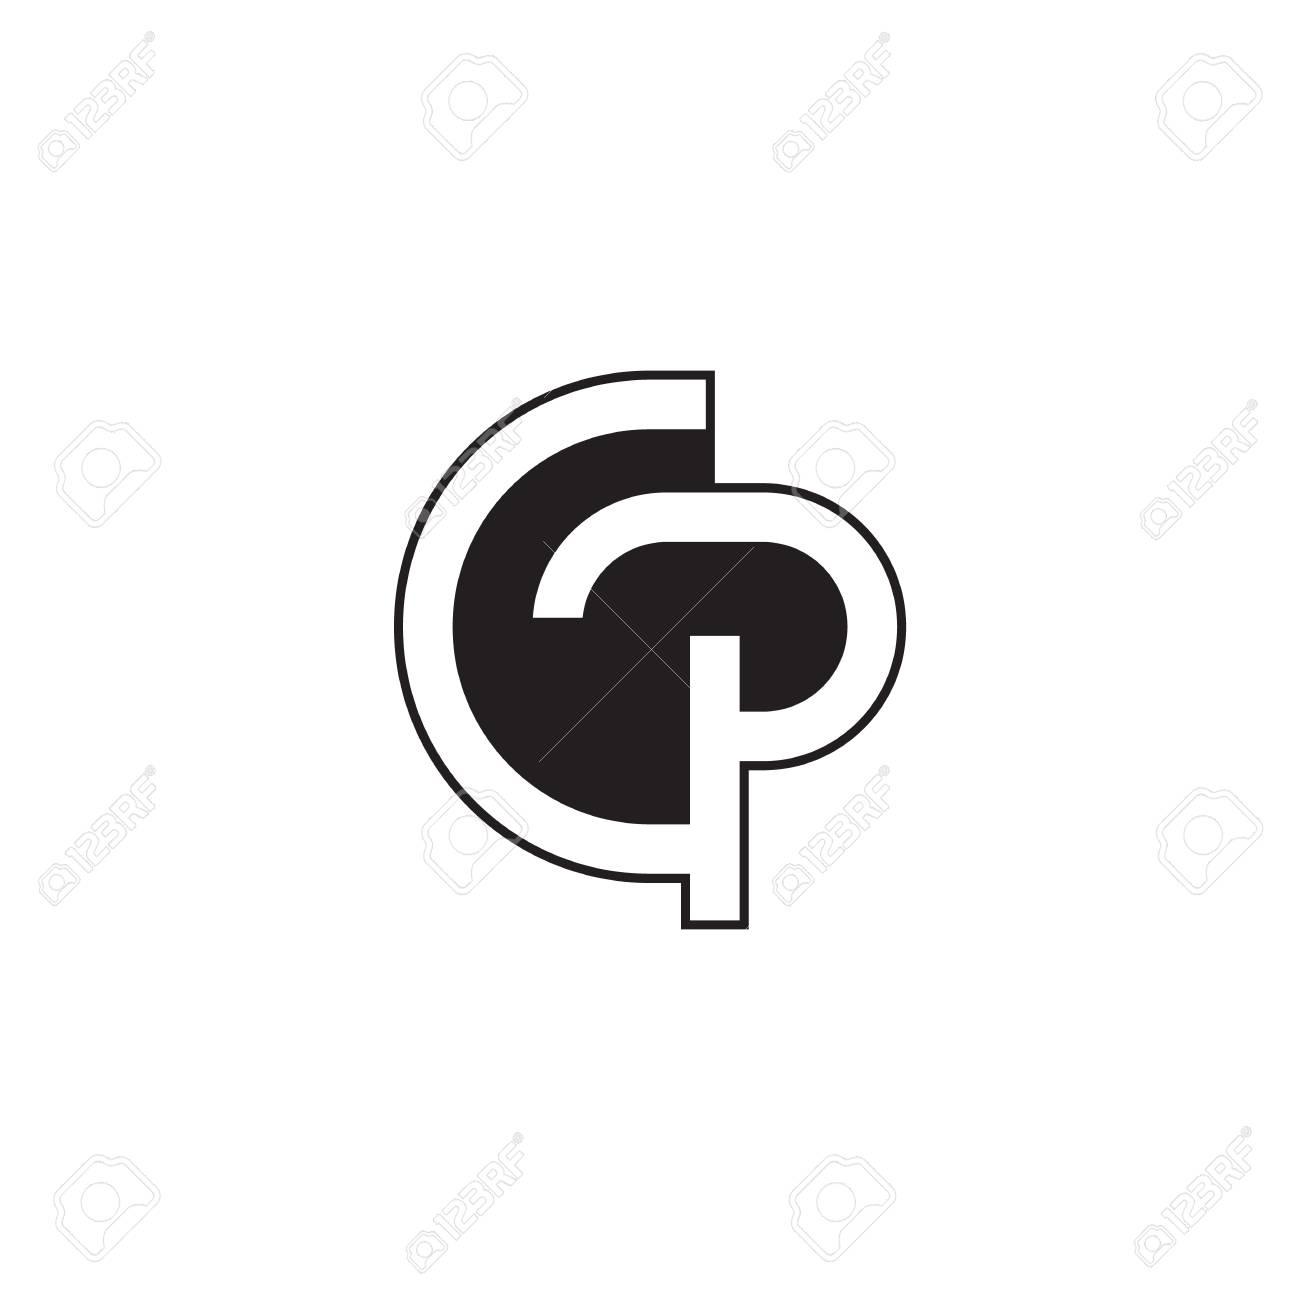 Modèle De Conception Initiale Lettre Gp Concept De Symbole Monochrome Moderne